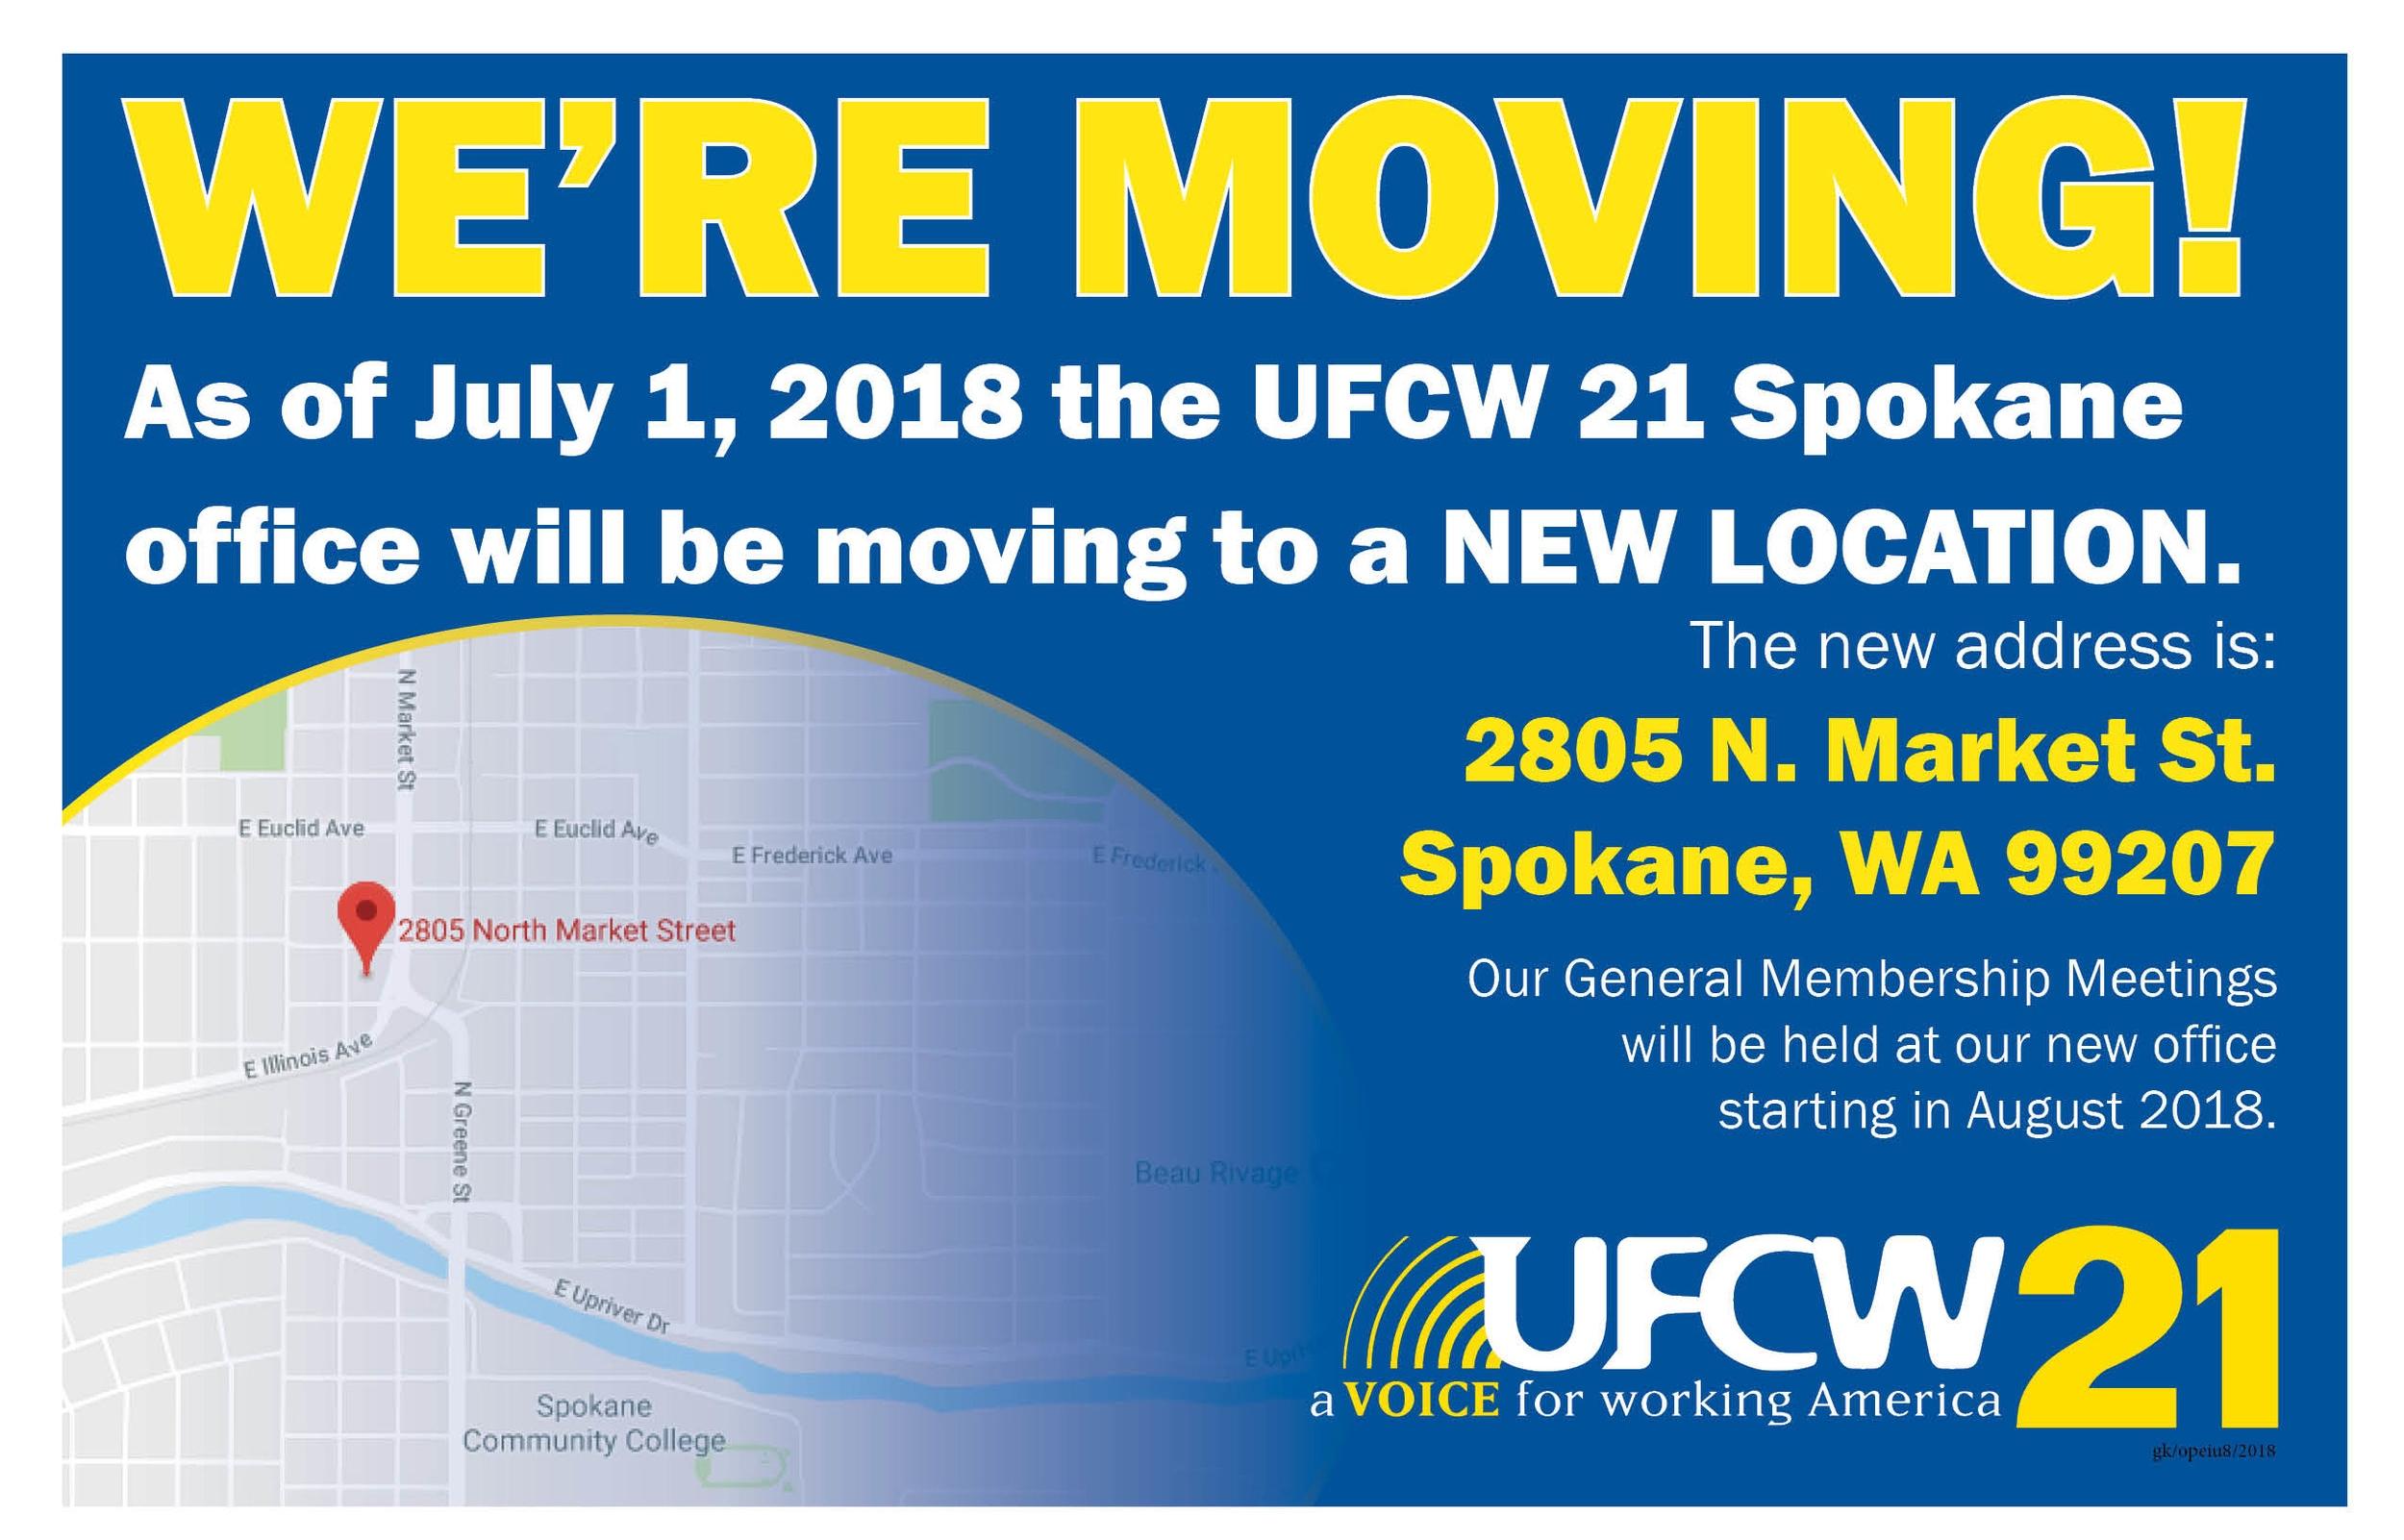 2018 Spokane Office were moving post card.jpg